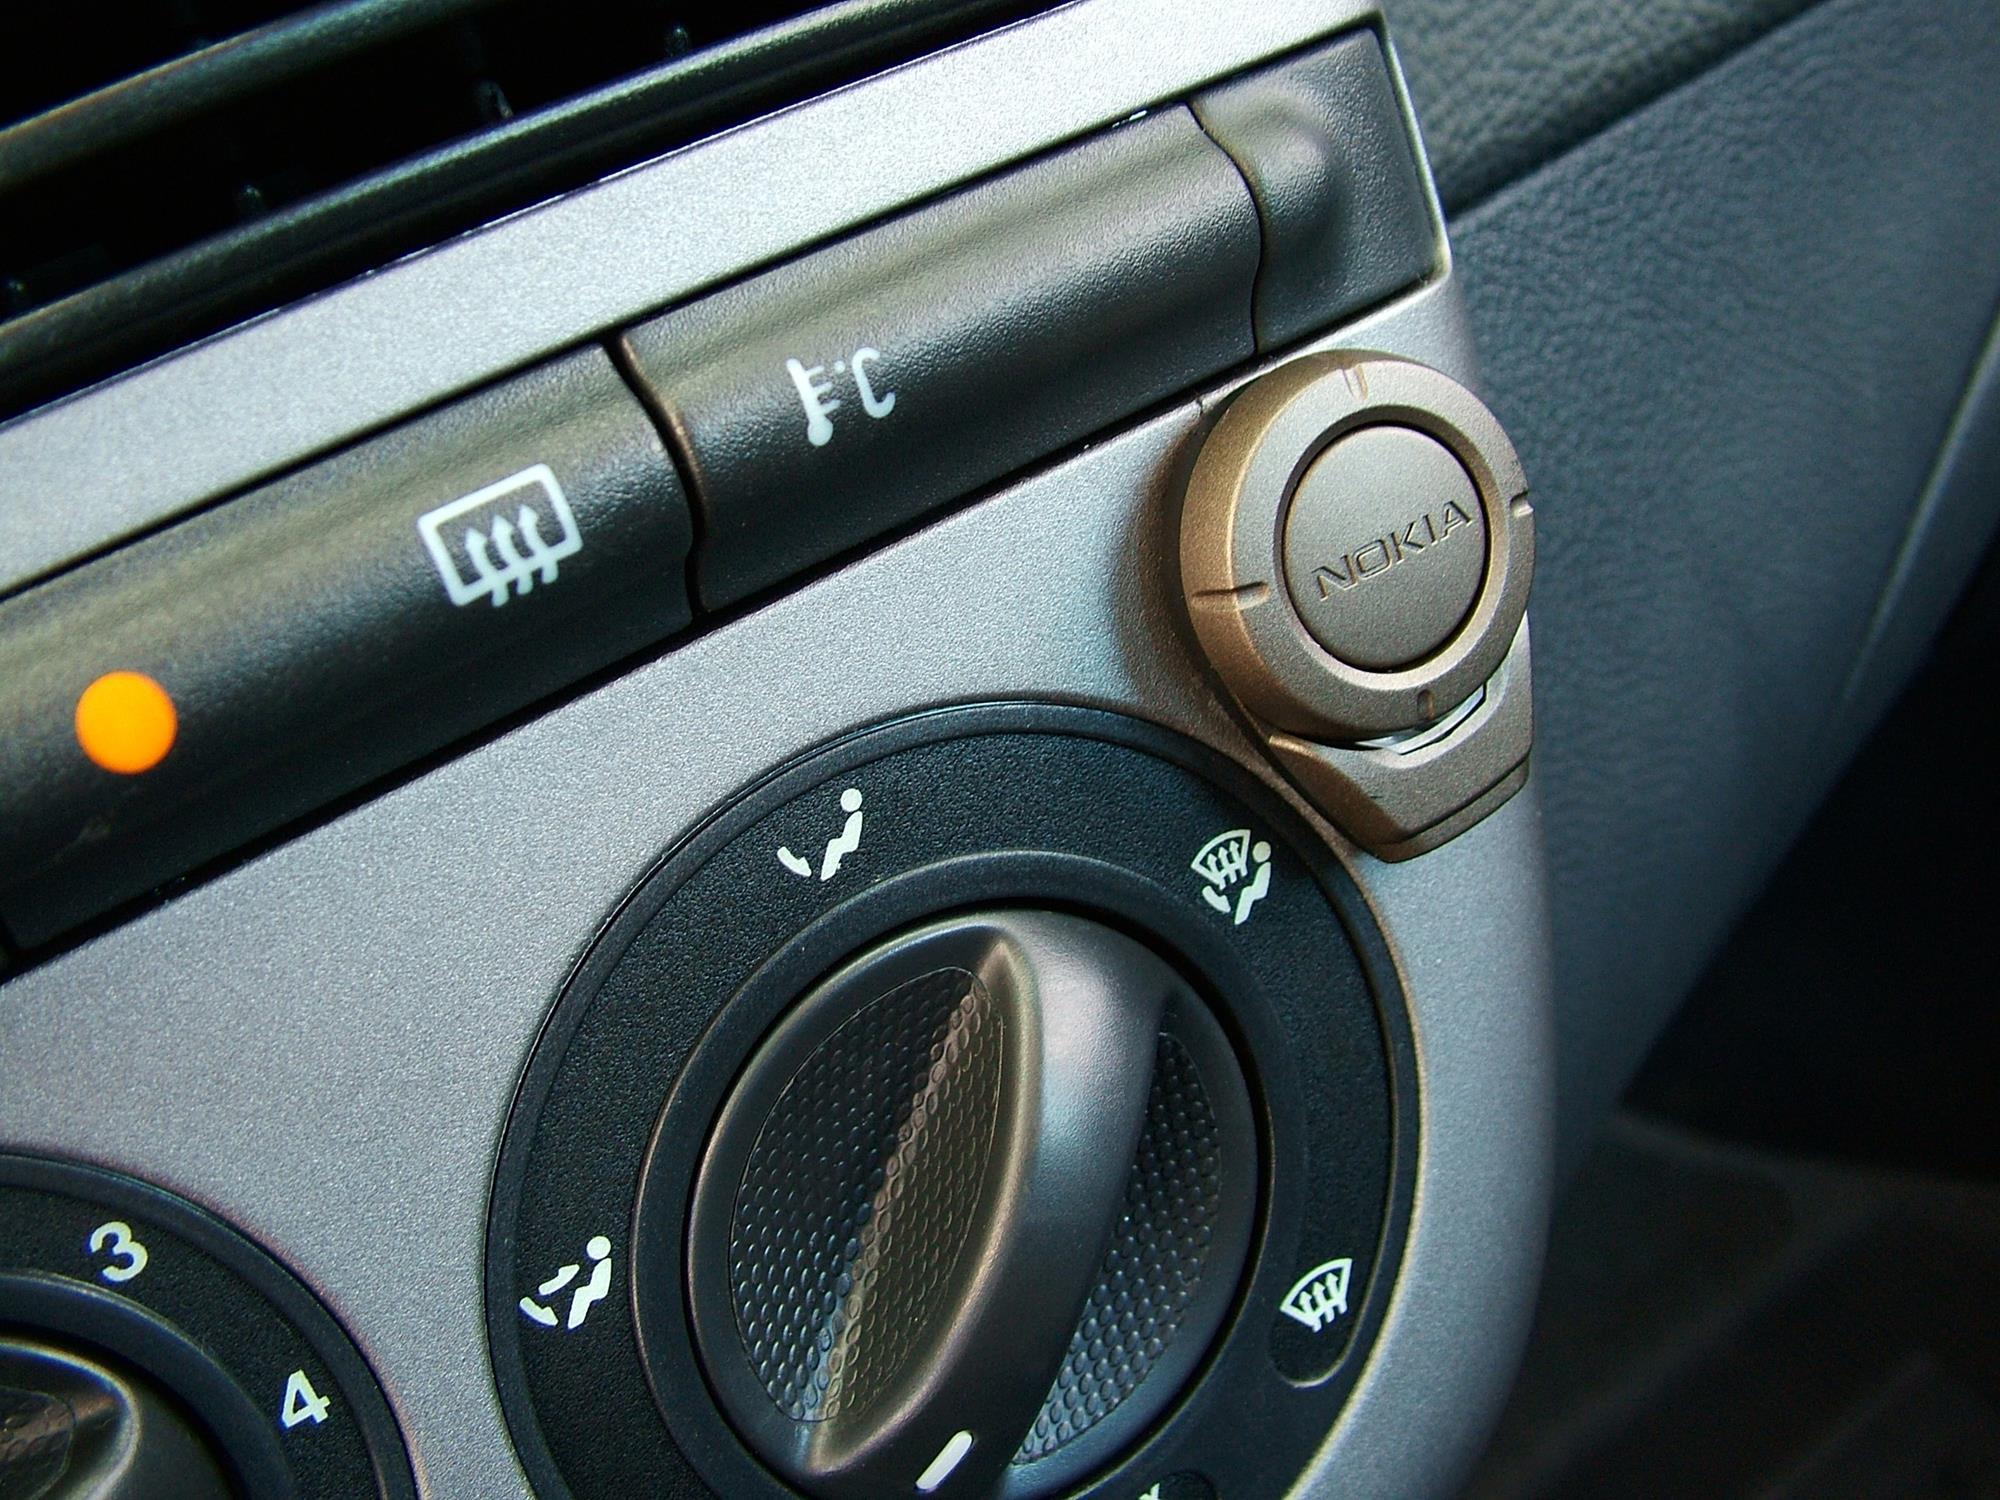 Detalhe do recurso viva-voz no painel do automóvel Marea SX 1.6 16V, modelo 2005